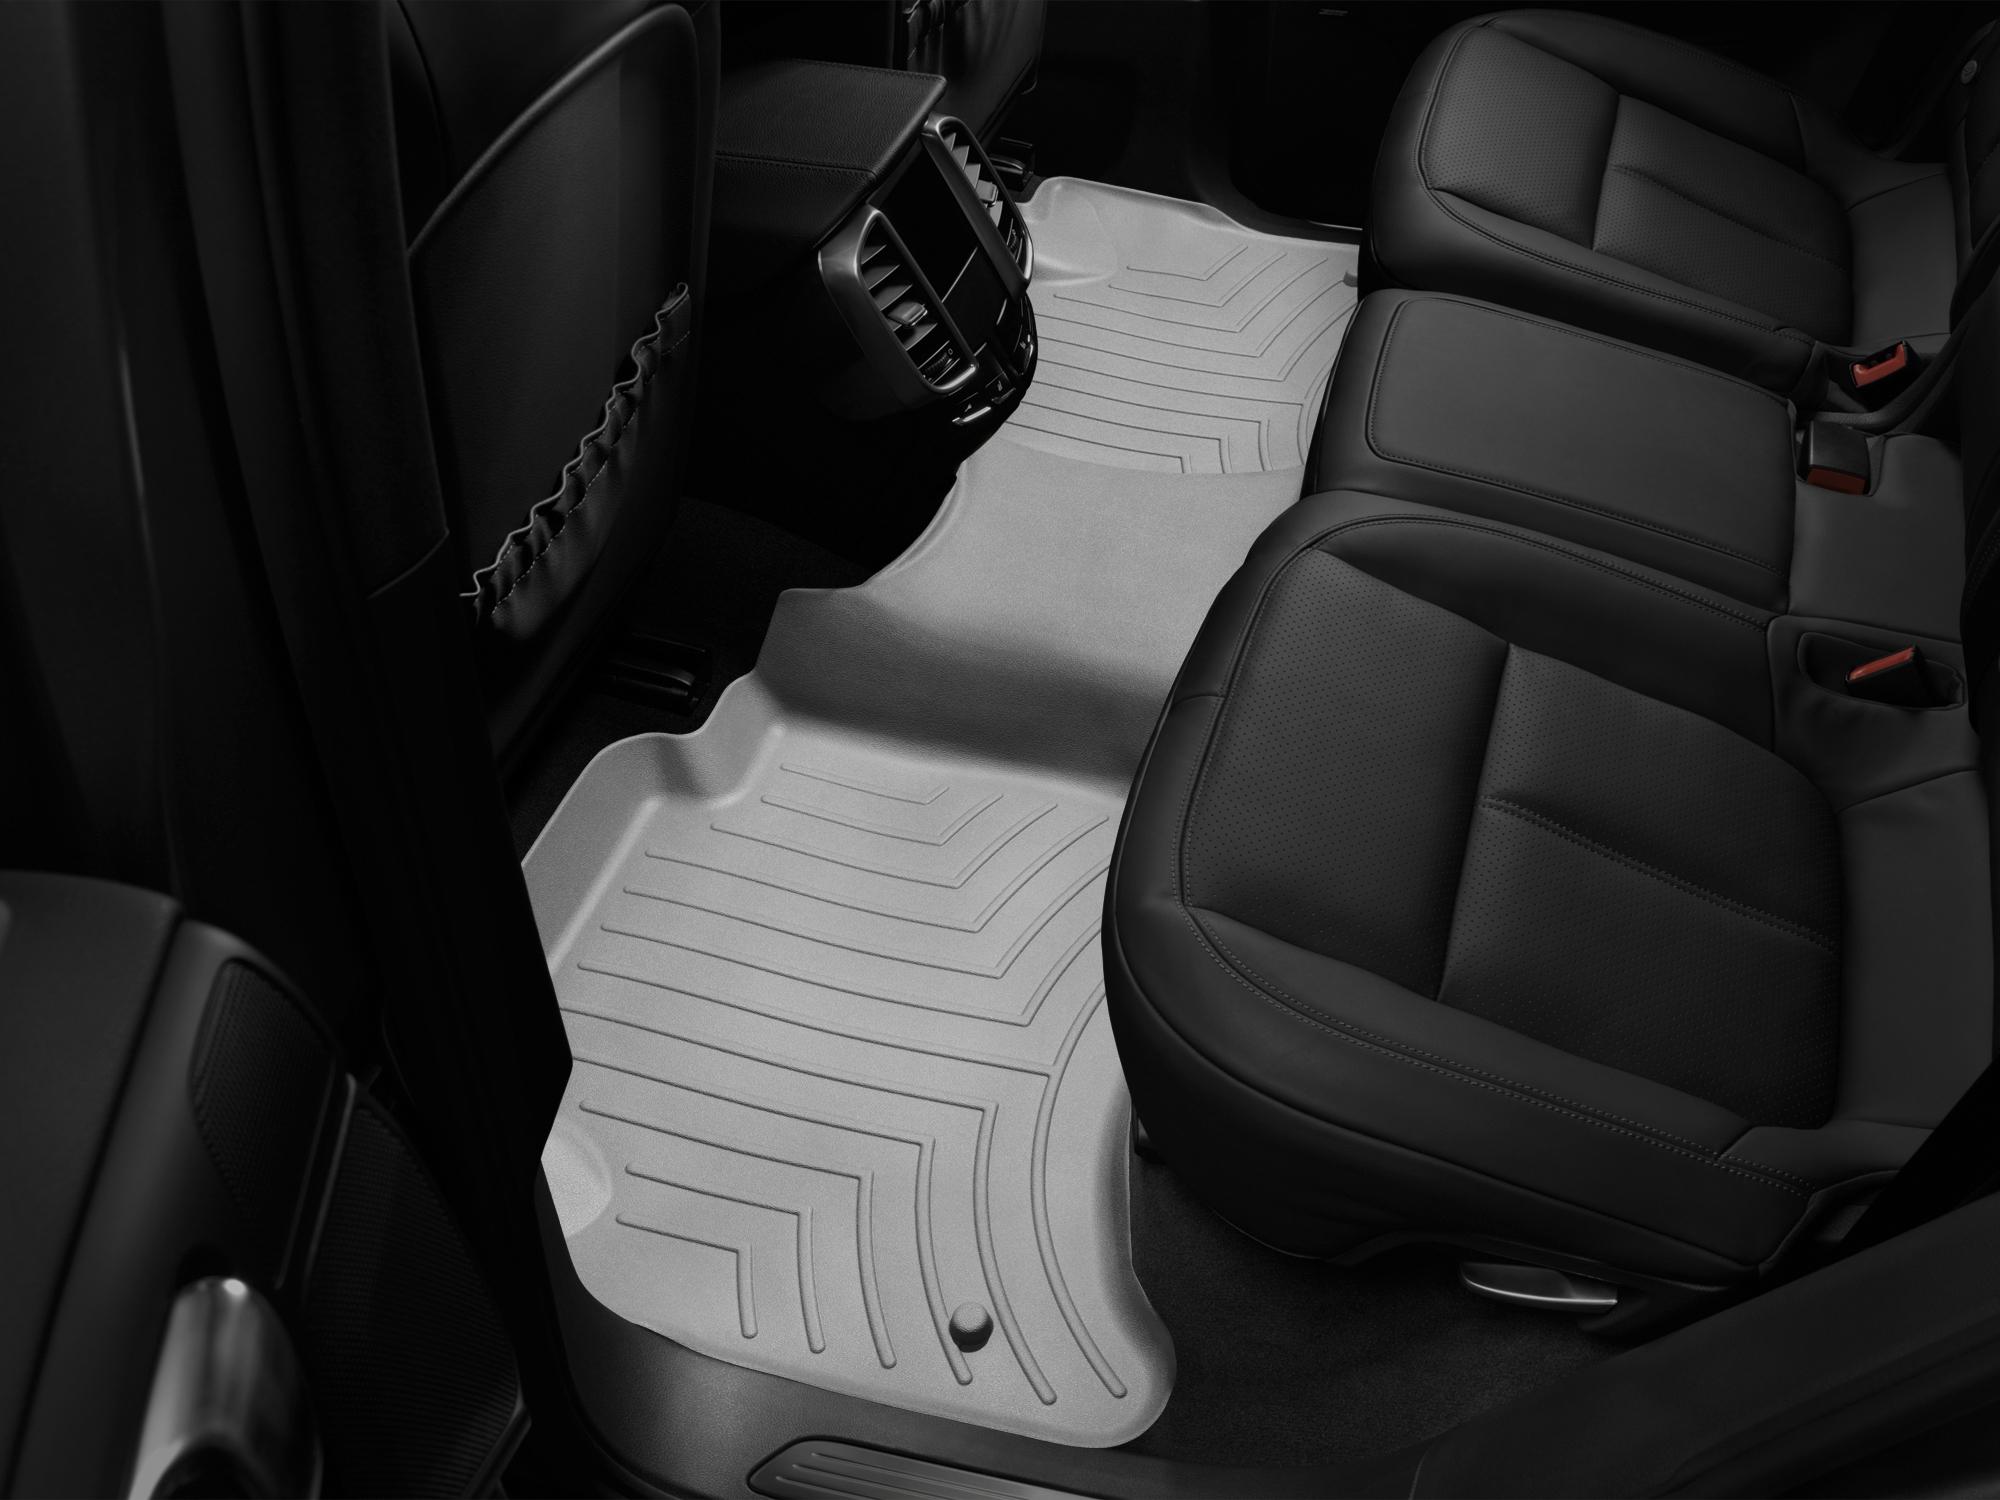 Tappeti gomma su misura bordo alto Volkswagen Touareg 11>17 Grigio A4330*